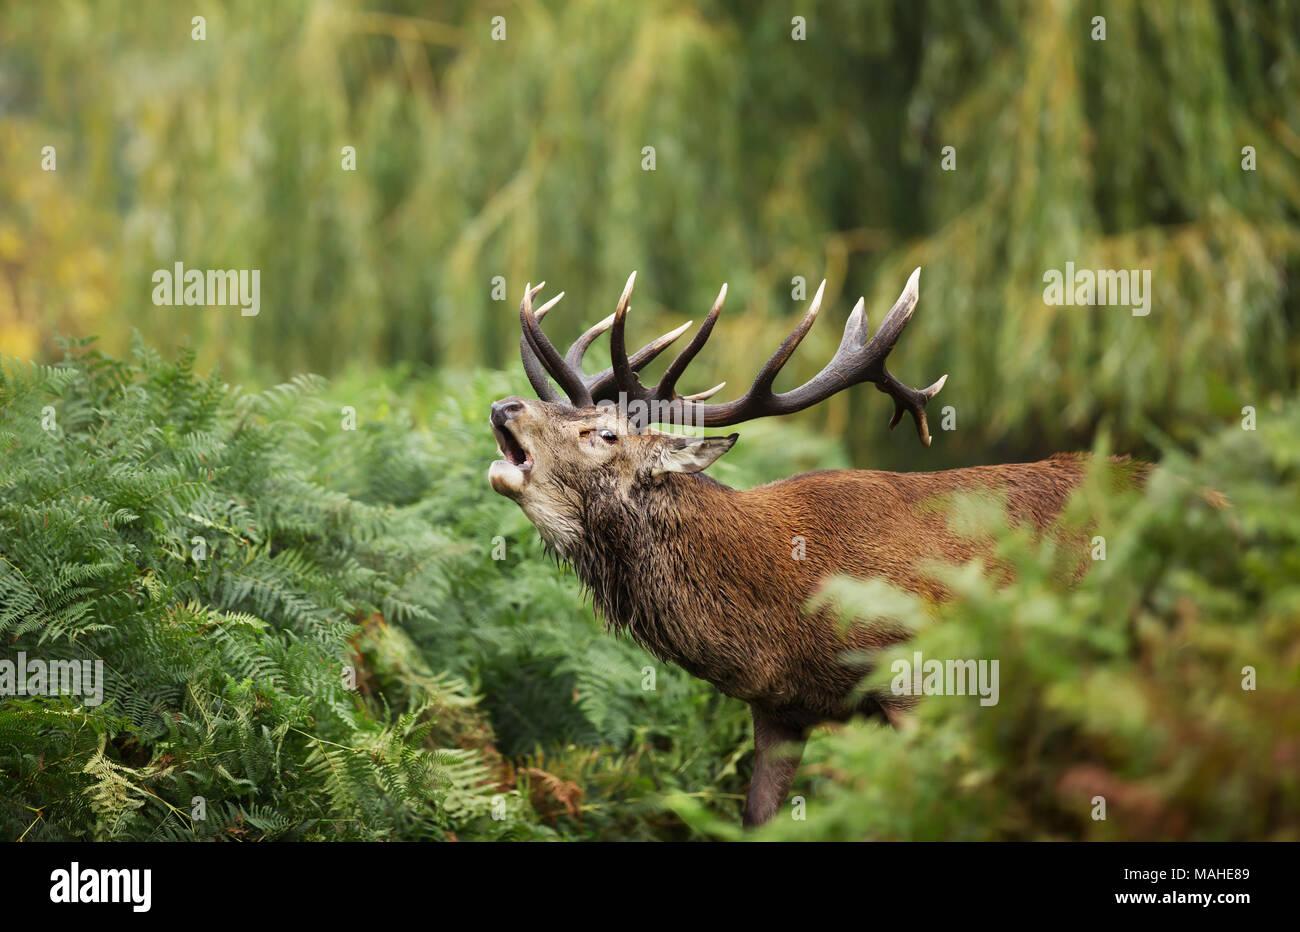 In der Nähe des Red Deer brüllen während der Brunft im Herbst, UK. Stockfoto